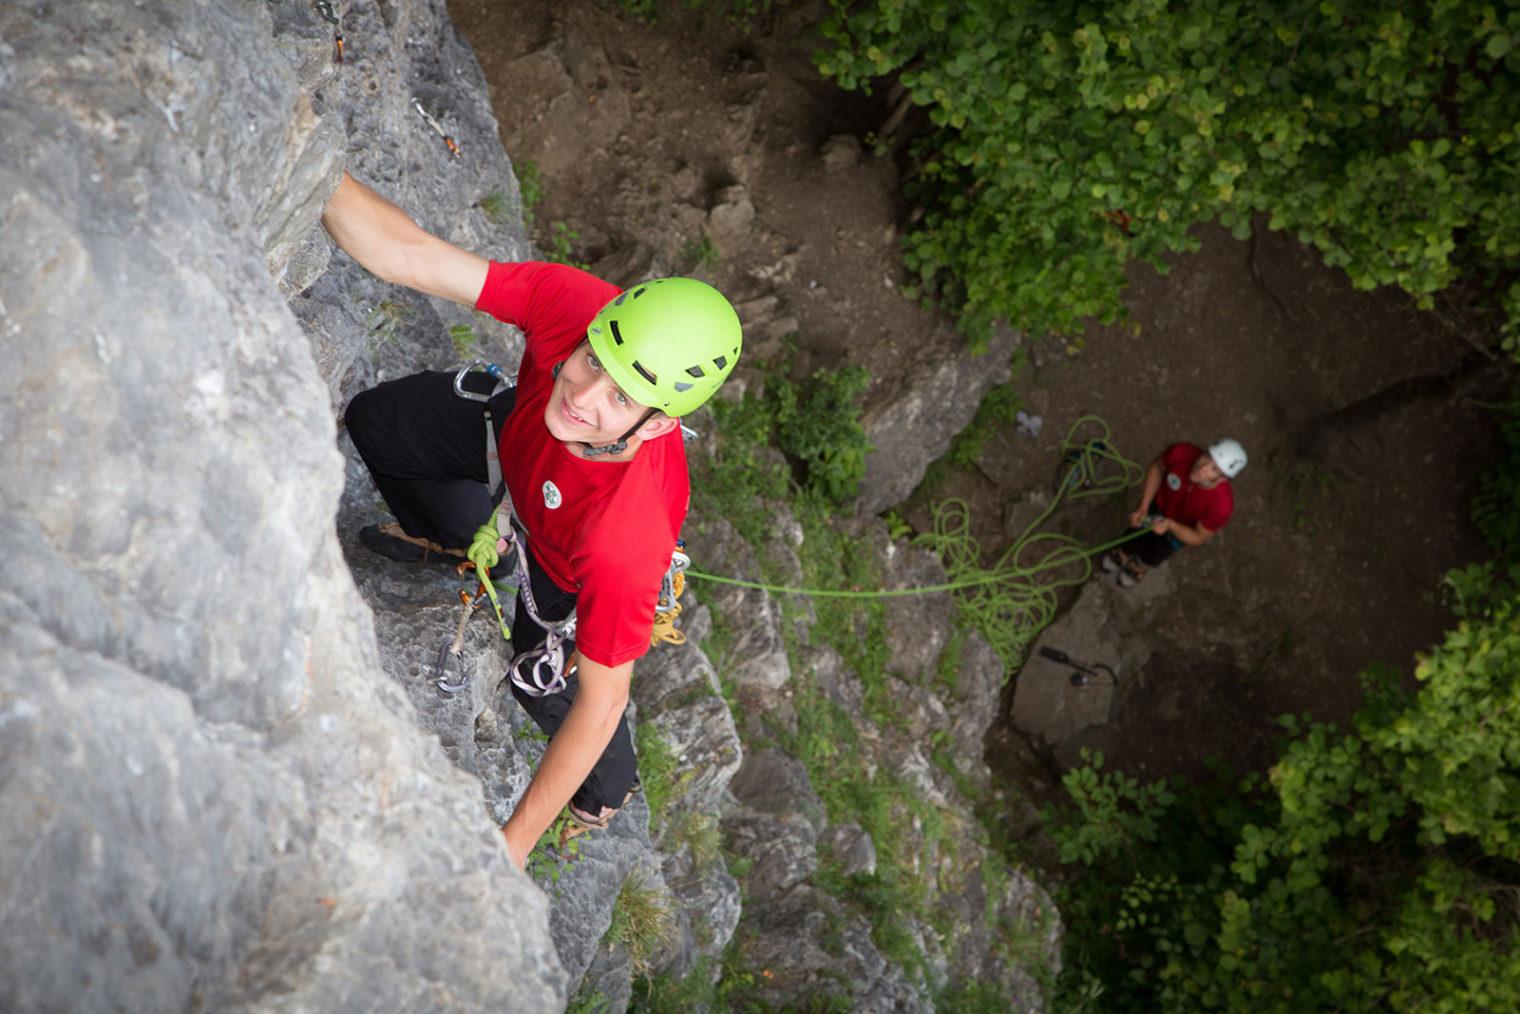 Bild von Oben: Zwei Personen beim Klettern